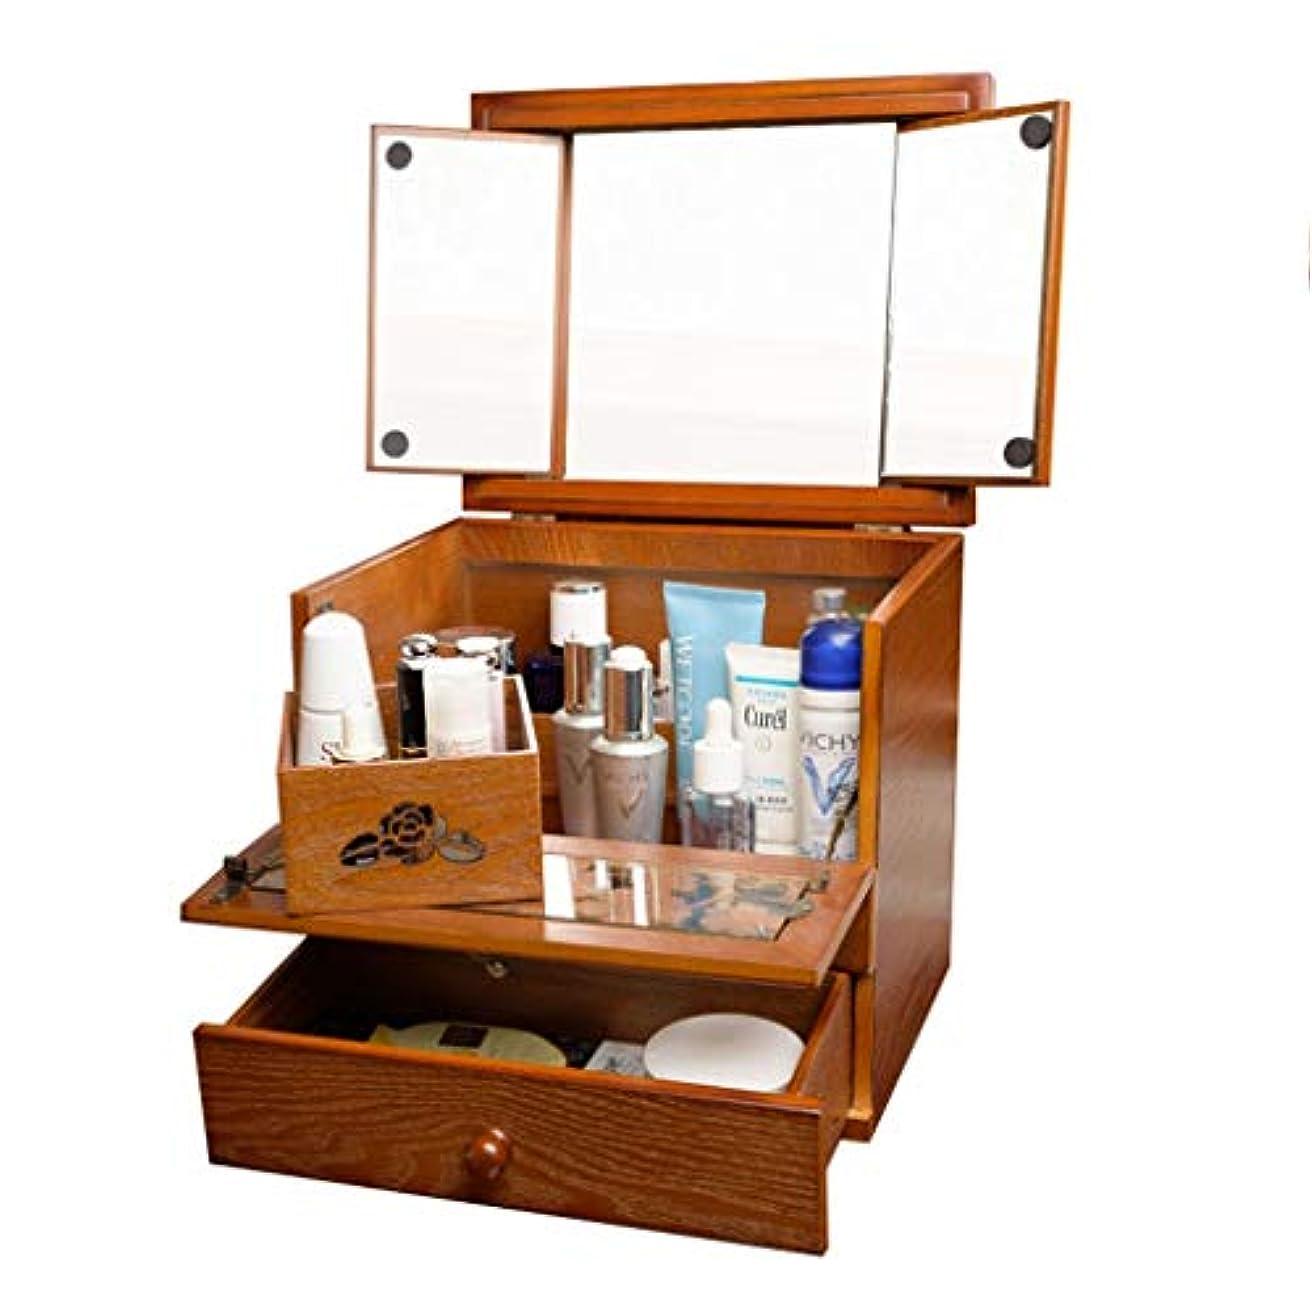 ジャンピングジャック砂漠完璧家庭用化粧品収納ボックス木製大容量化粧品ボックス小さな化粧台ミラー付き (Color : BROWN, Size : 27.5X22.5X32.5CM)